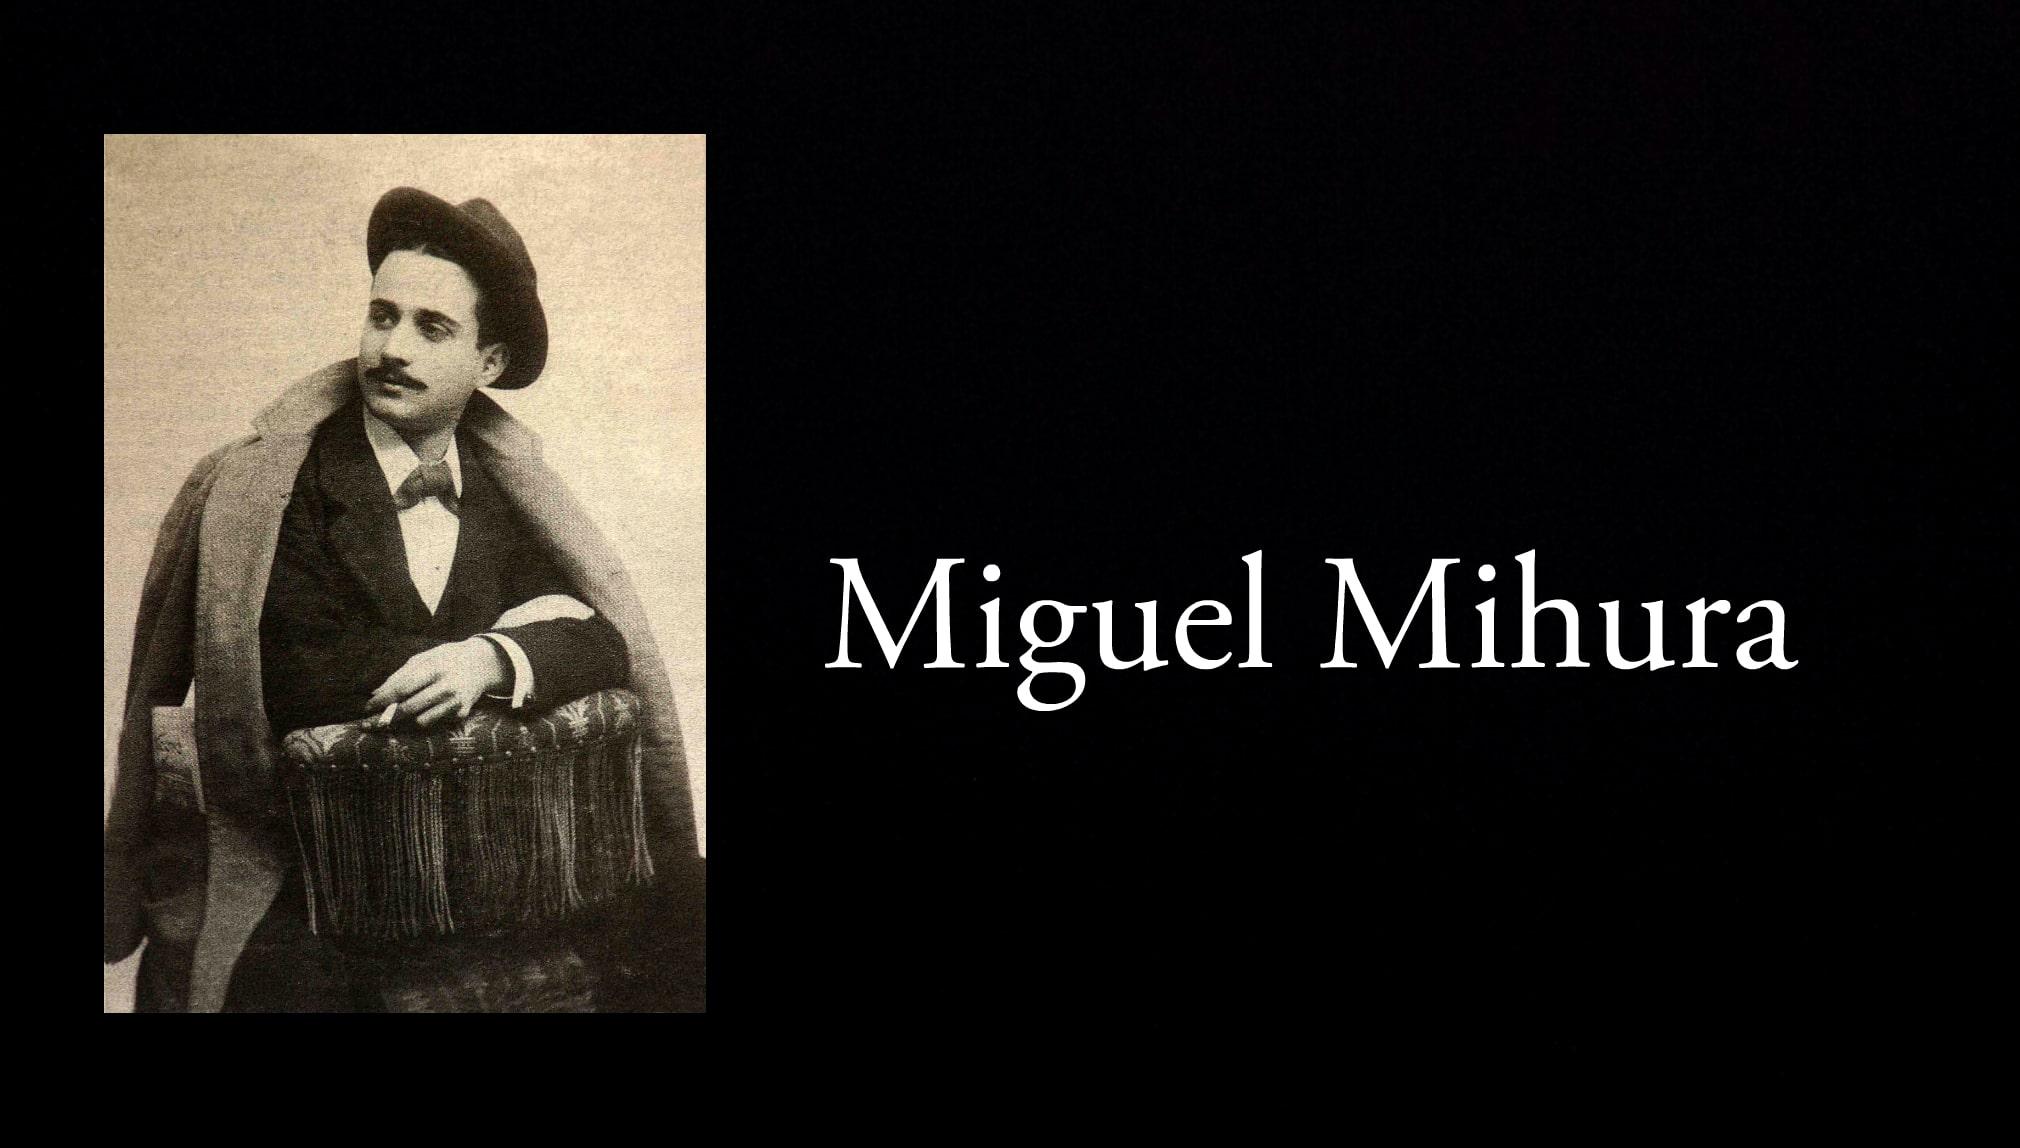 Miguel Mihura.